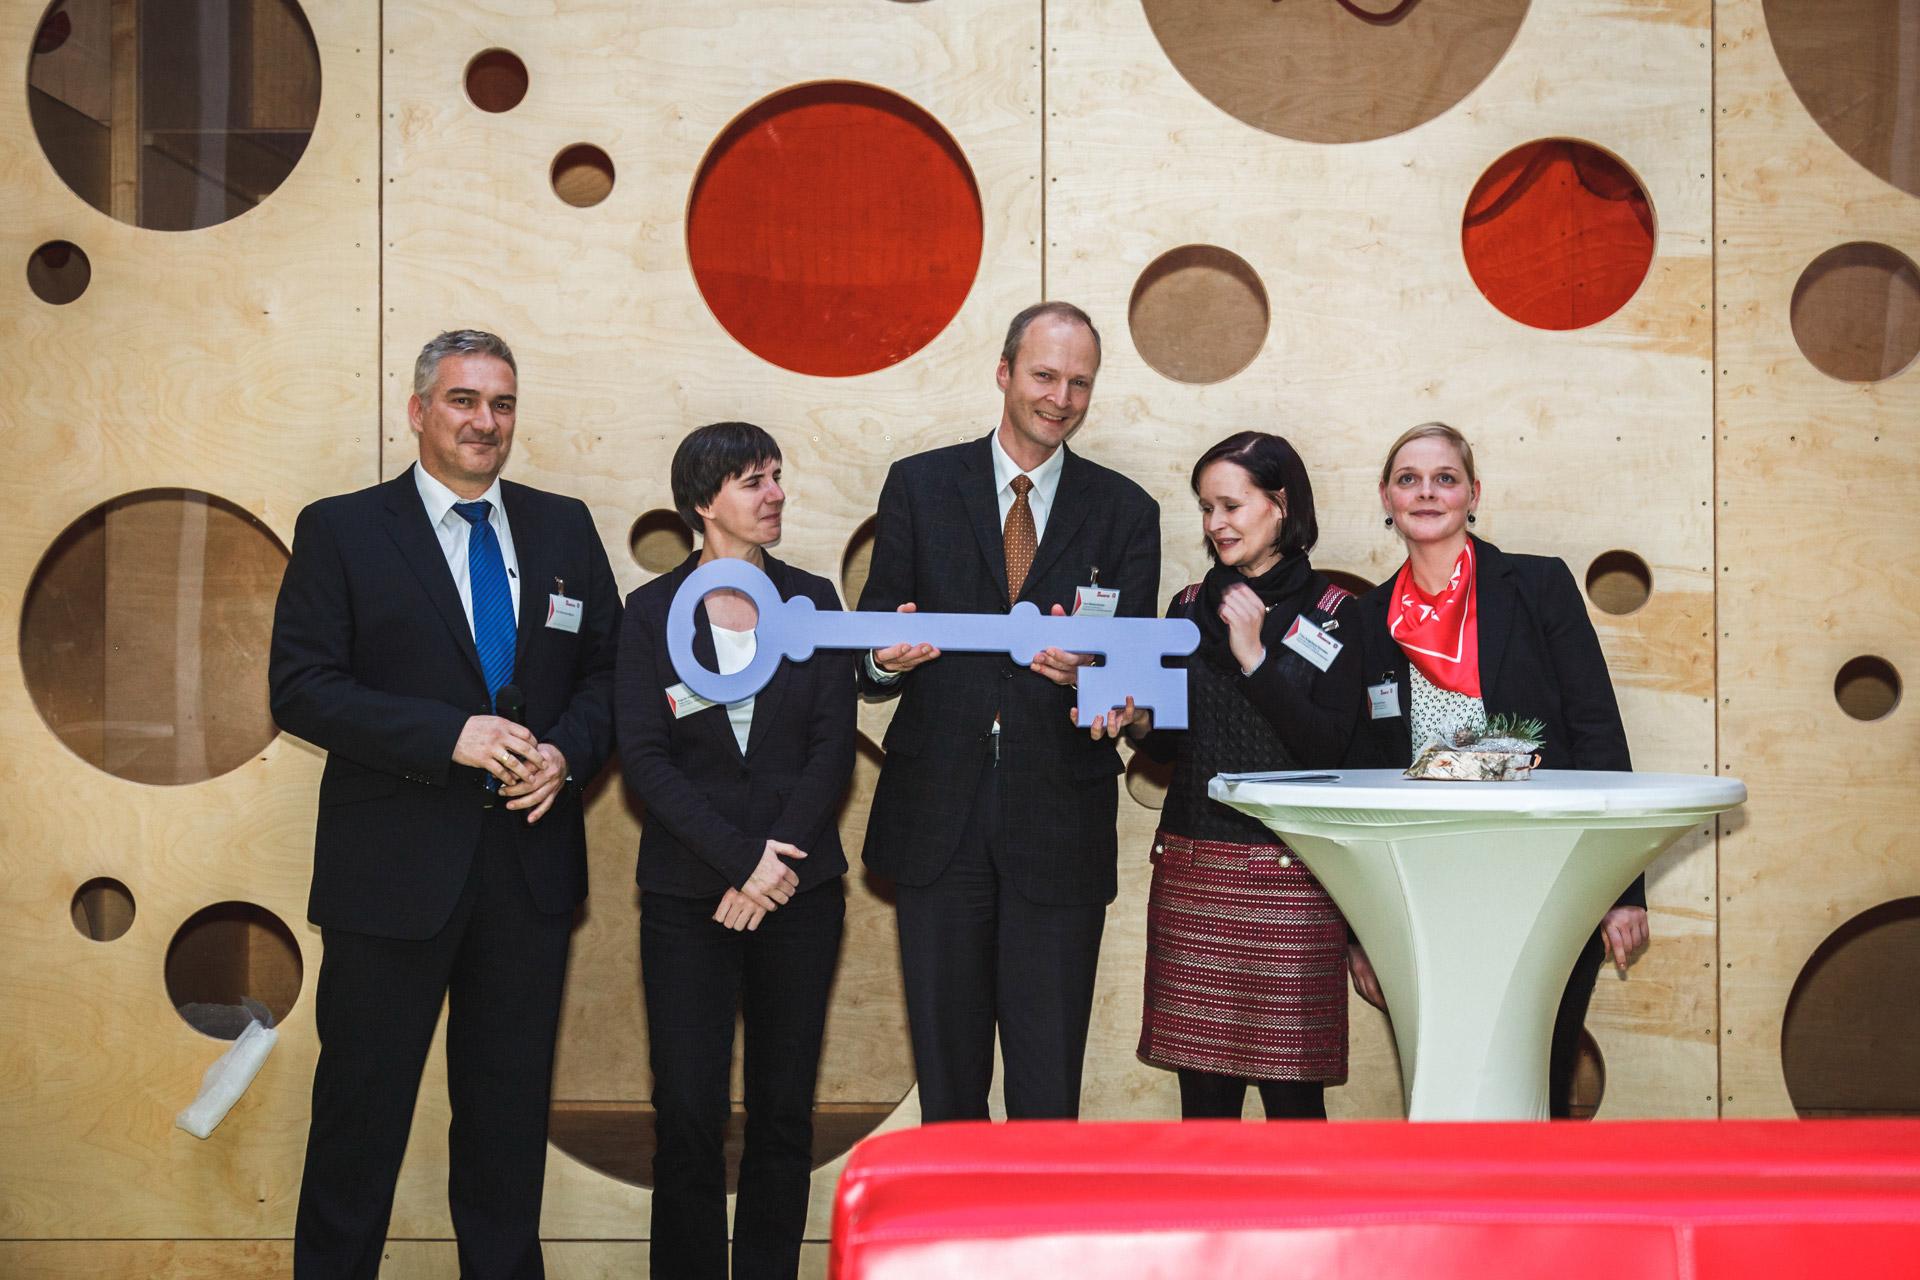 Familienzentrum Marcusgasse - Eröffnung - Leipzig - Alexander Malios